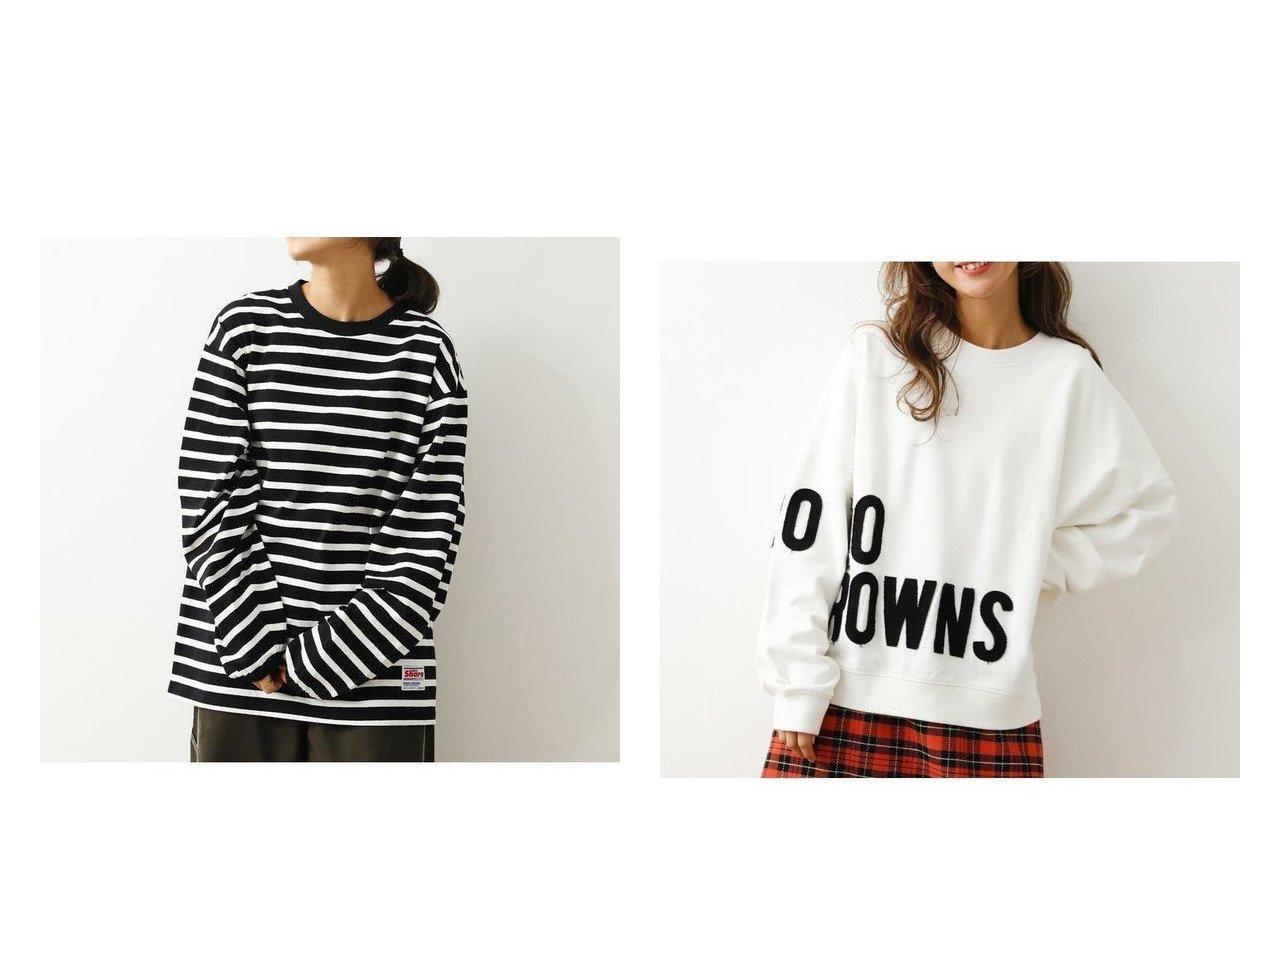 【RODEO CROWNS WIDE BOWL/ロデオクラウンズワイドボウル】のインサイドアウトロゴスウェット&S Tシャツ RODEO CROWNS WIDE BOWLのおすすめ!人気、トレンド・レディースファッションの通販  おすすめで人気の流行・トレンド、ファッションの通販商品 メンズファッション・キッズファッション・インテリア・家具・レディースファッション・服の通販 founy(ファニー) https://founy.com/ ファッション Fashion レディースファッション WOMEN トップス Tops Tshirt シャツ/ブラウス Shirts Blouses ロング / Tシャツ T-Shirts カットソー Cut and Sewn パーカ Sweats スウェット Sweat NEW・新作・新着・新入荷 New Arrivals タイトスカート チュニック ビッグ フレア ボーダー レギンス 定番 Standard パッチ 長袖  ID:crp329100000019314